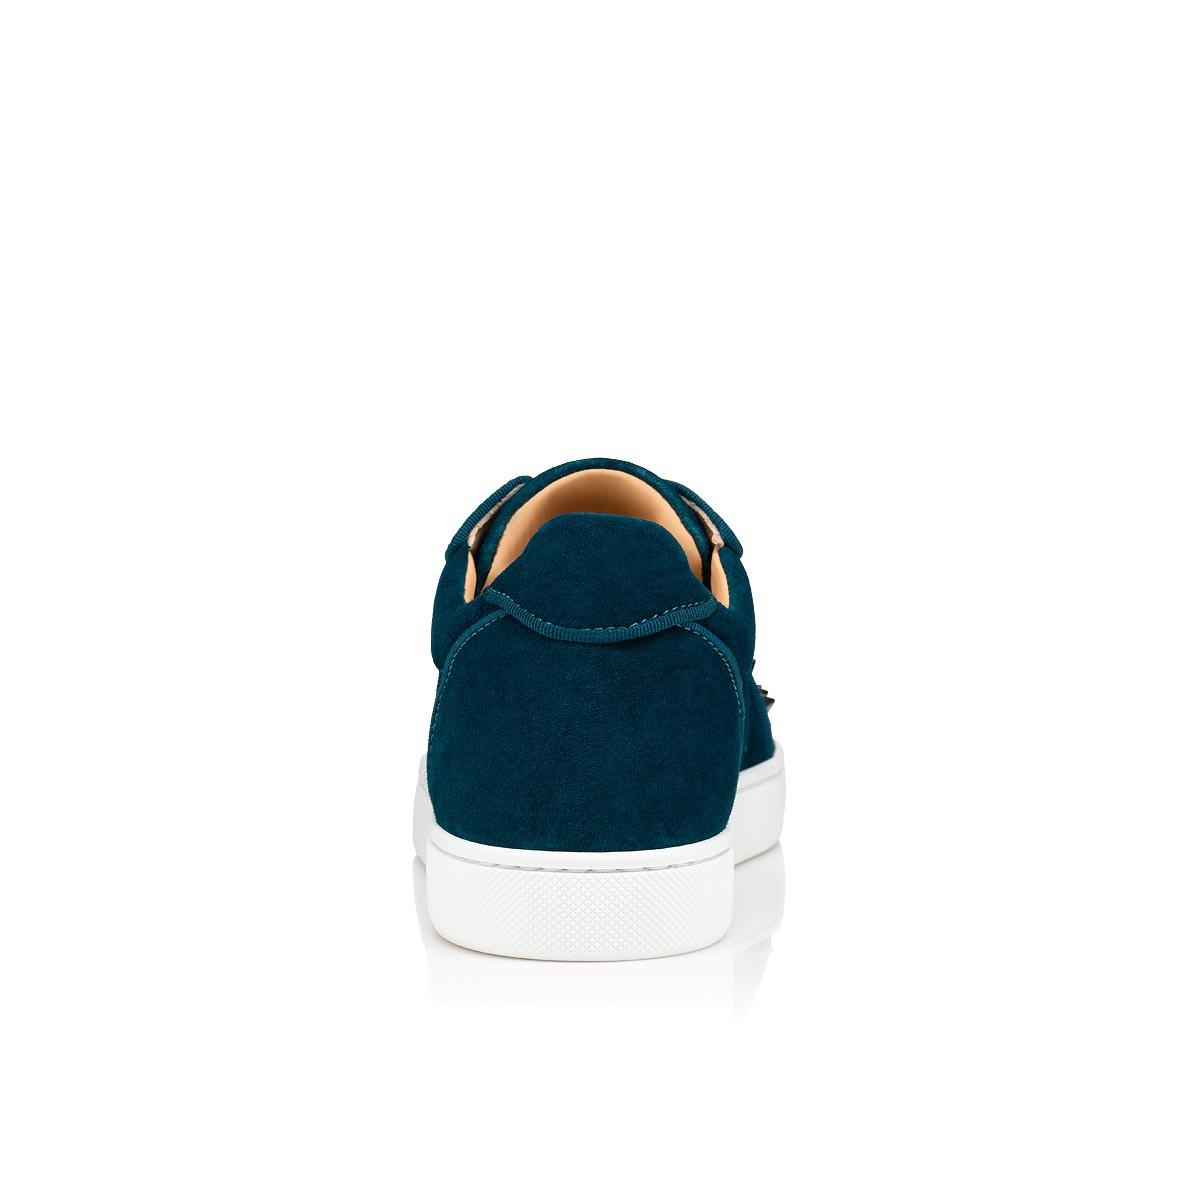 Shoes - Vieira Spikes - Christian Louboutin